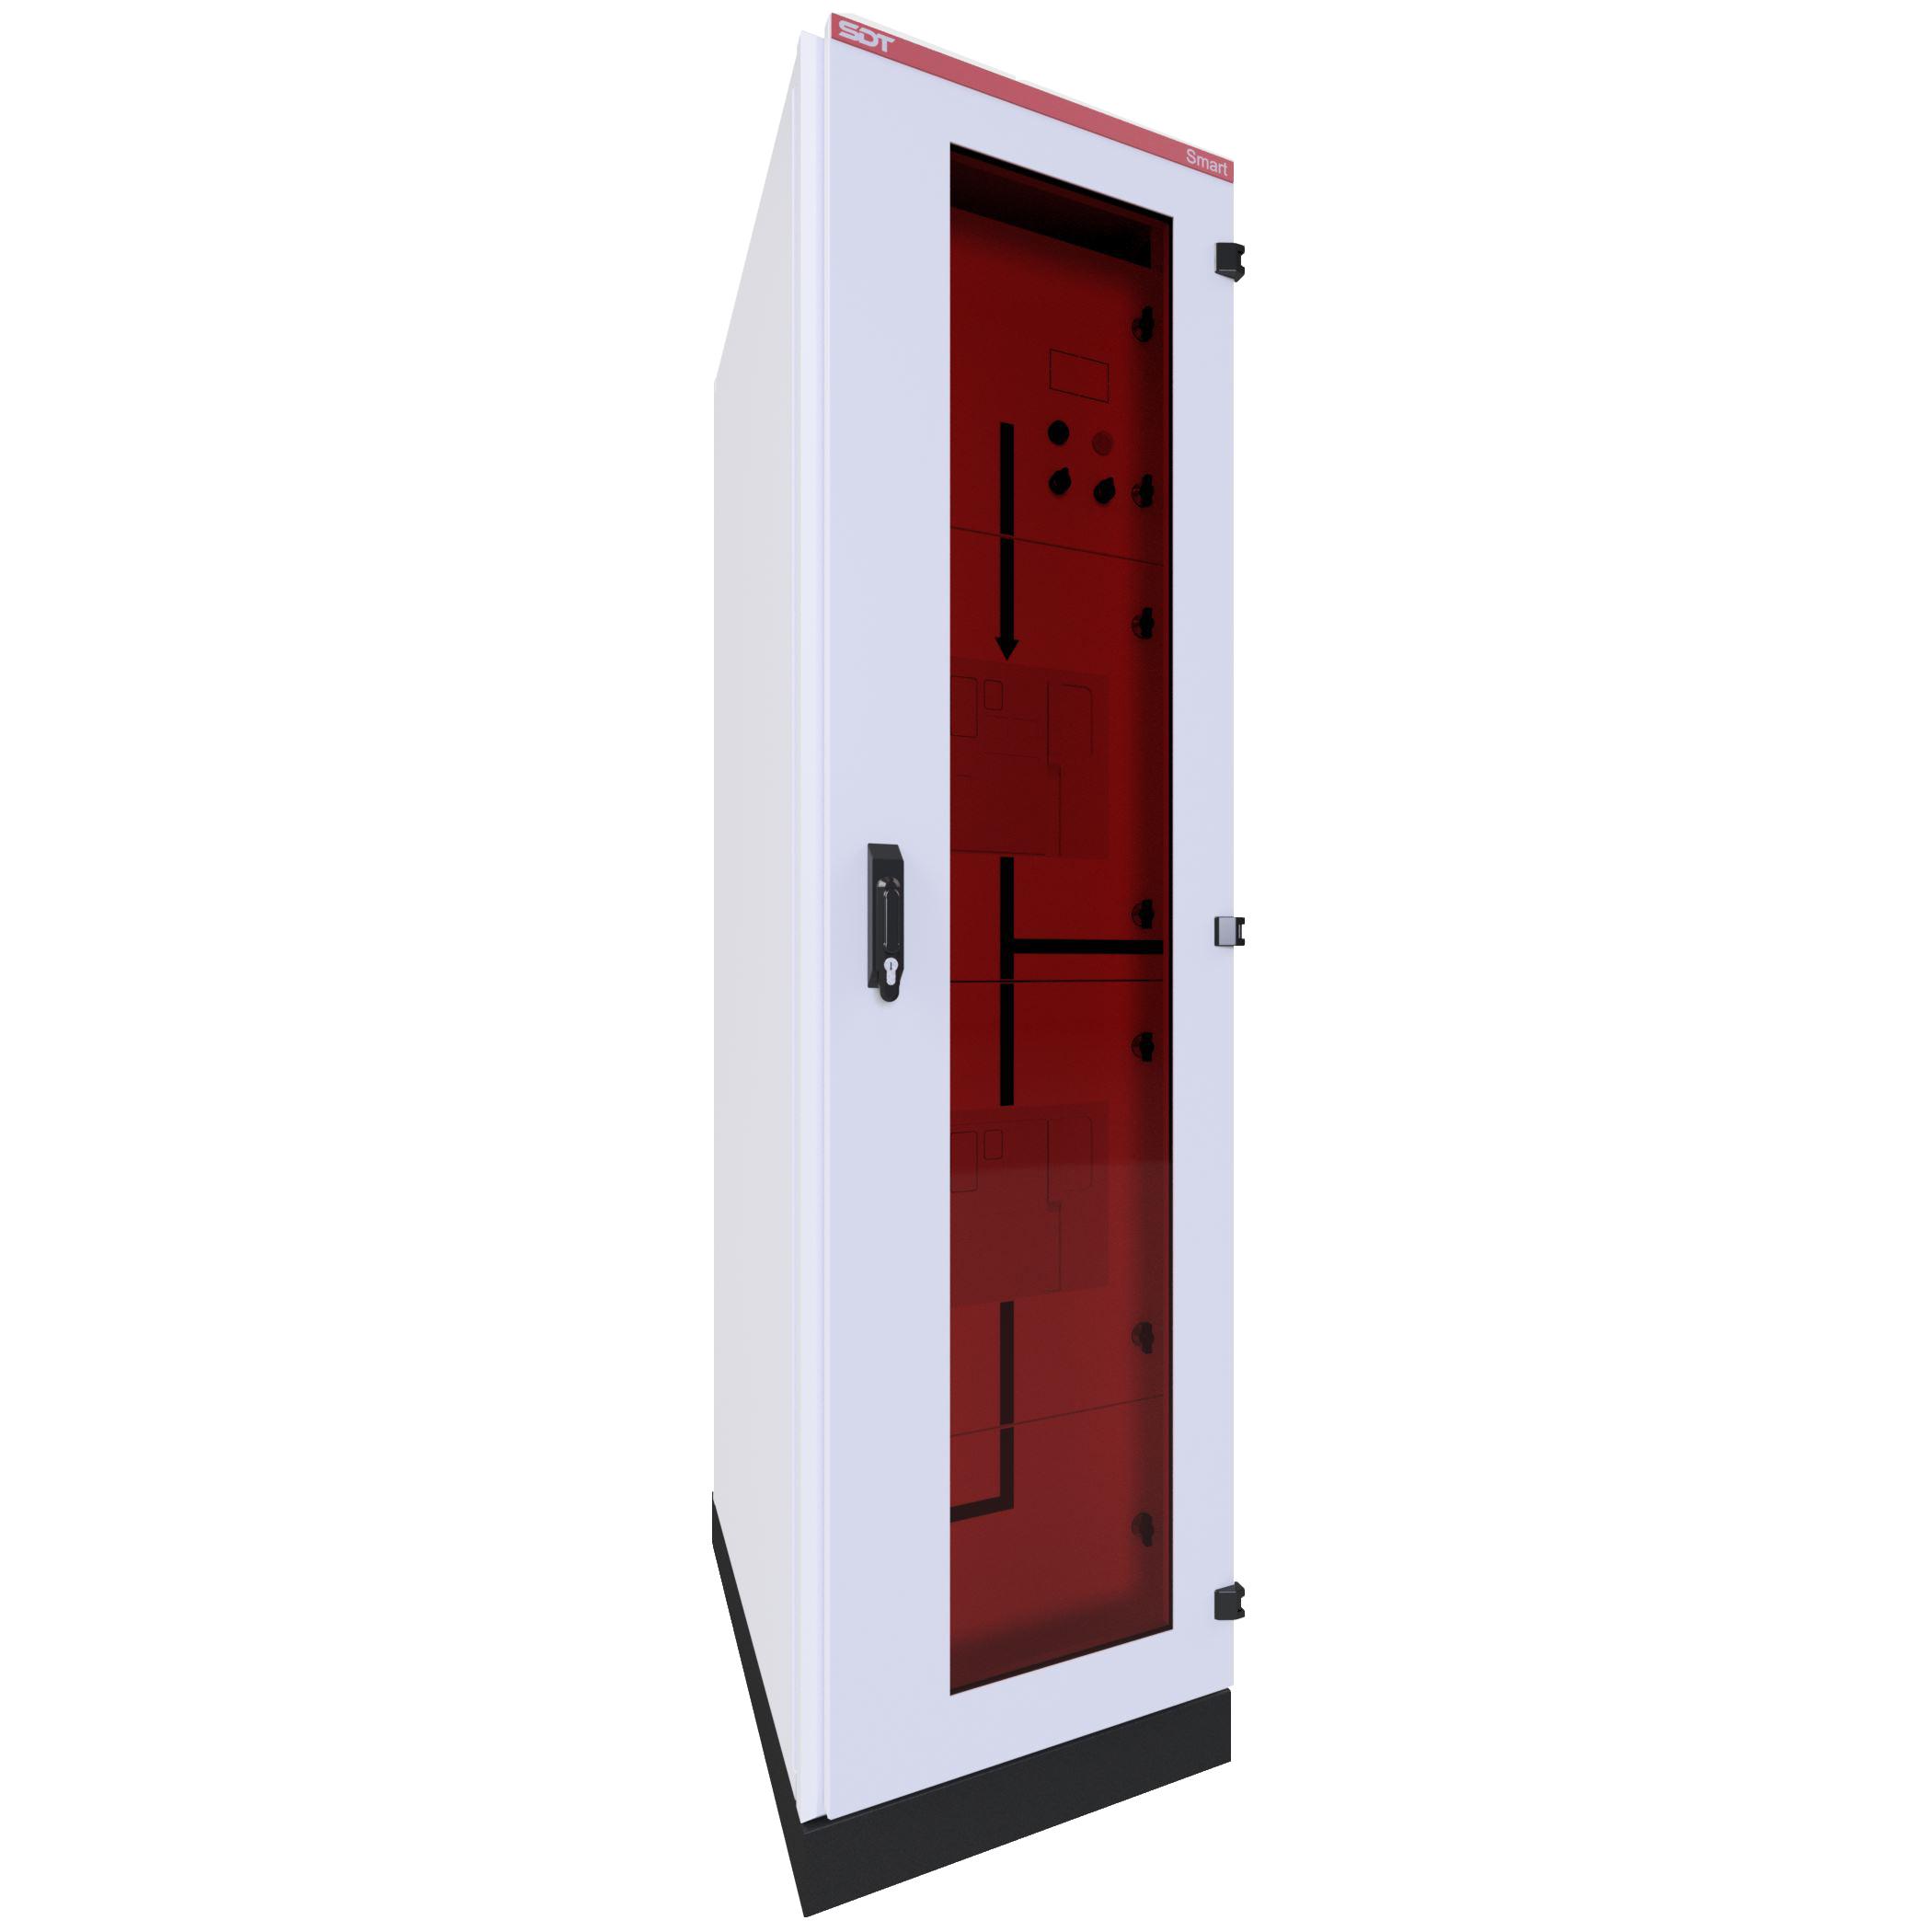 Visualización de equipos sin apertura de puertas